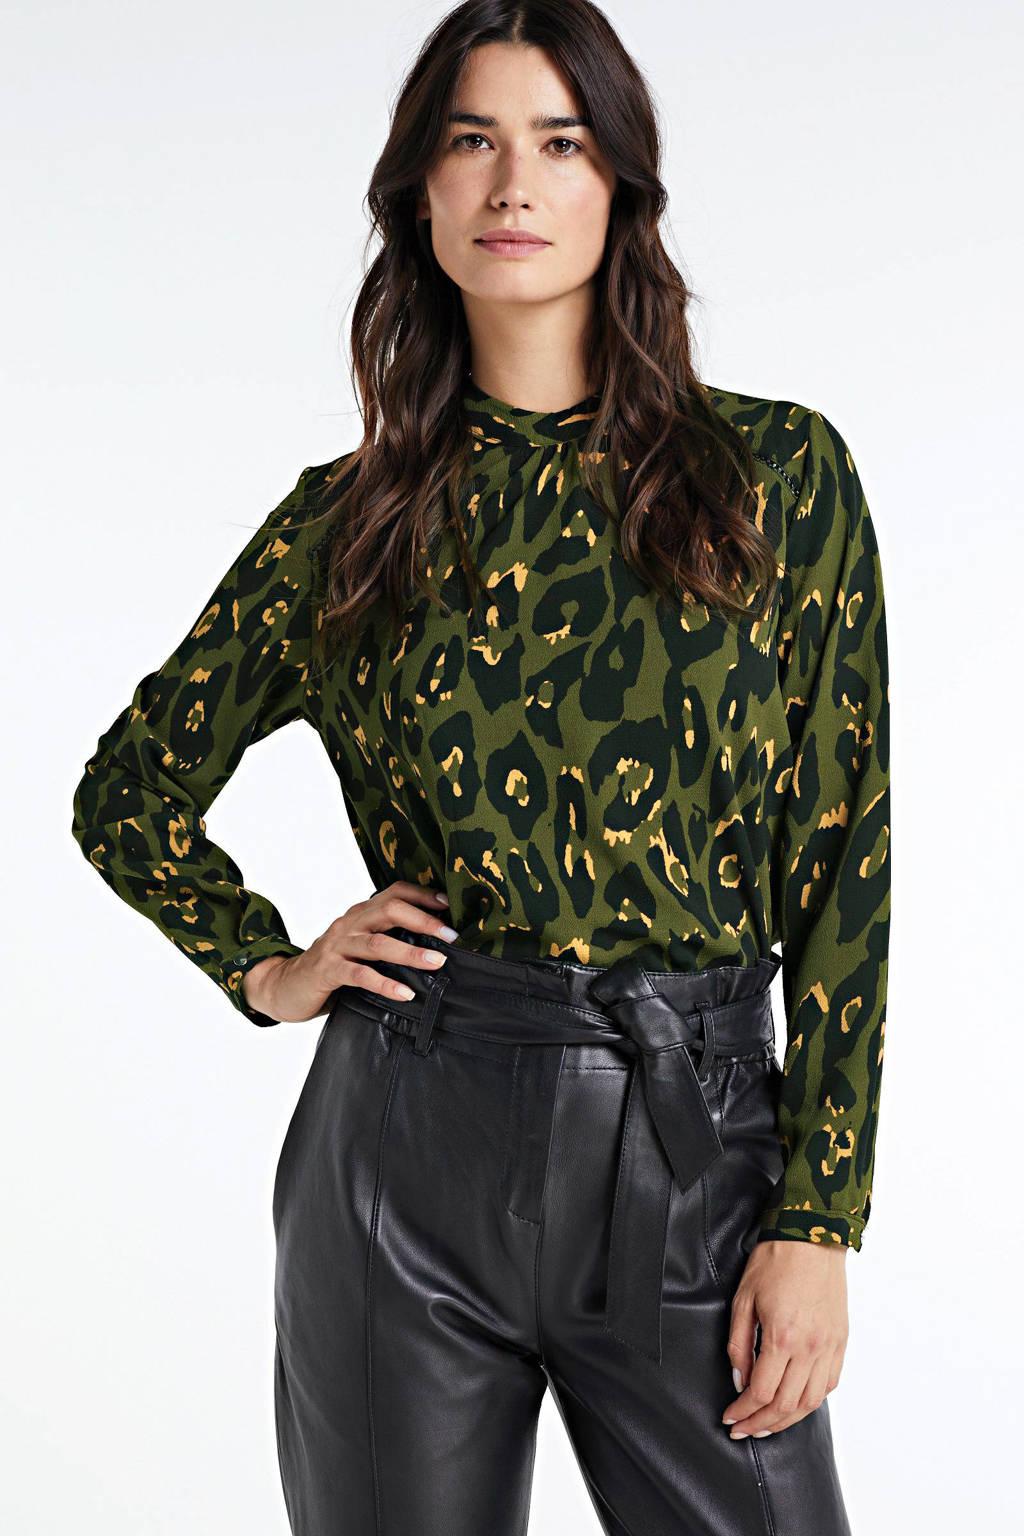 ONLY top New met all over print groen/zwart, Groen/zwart